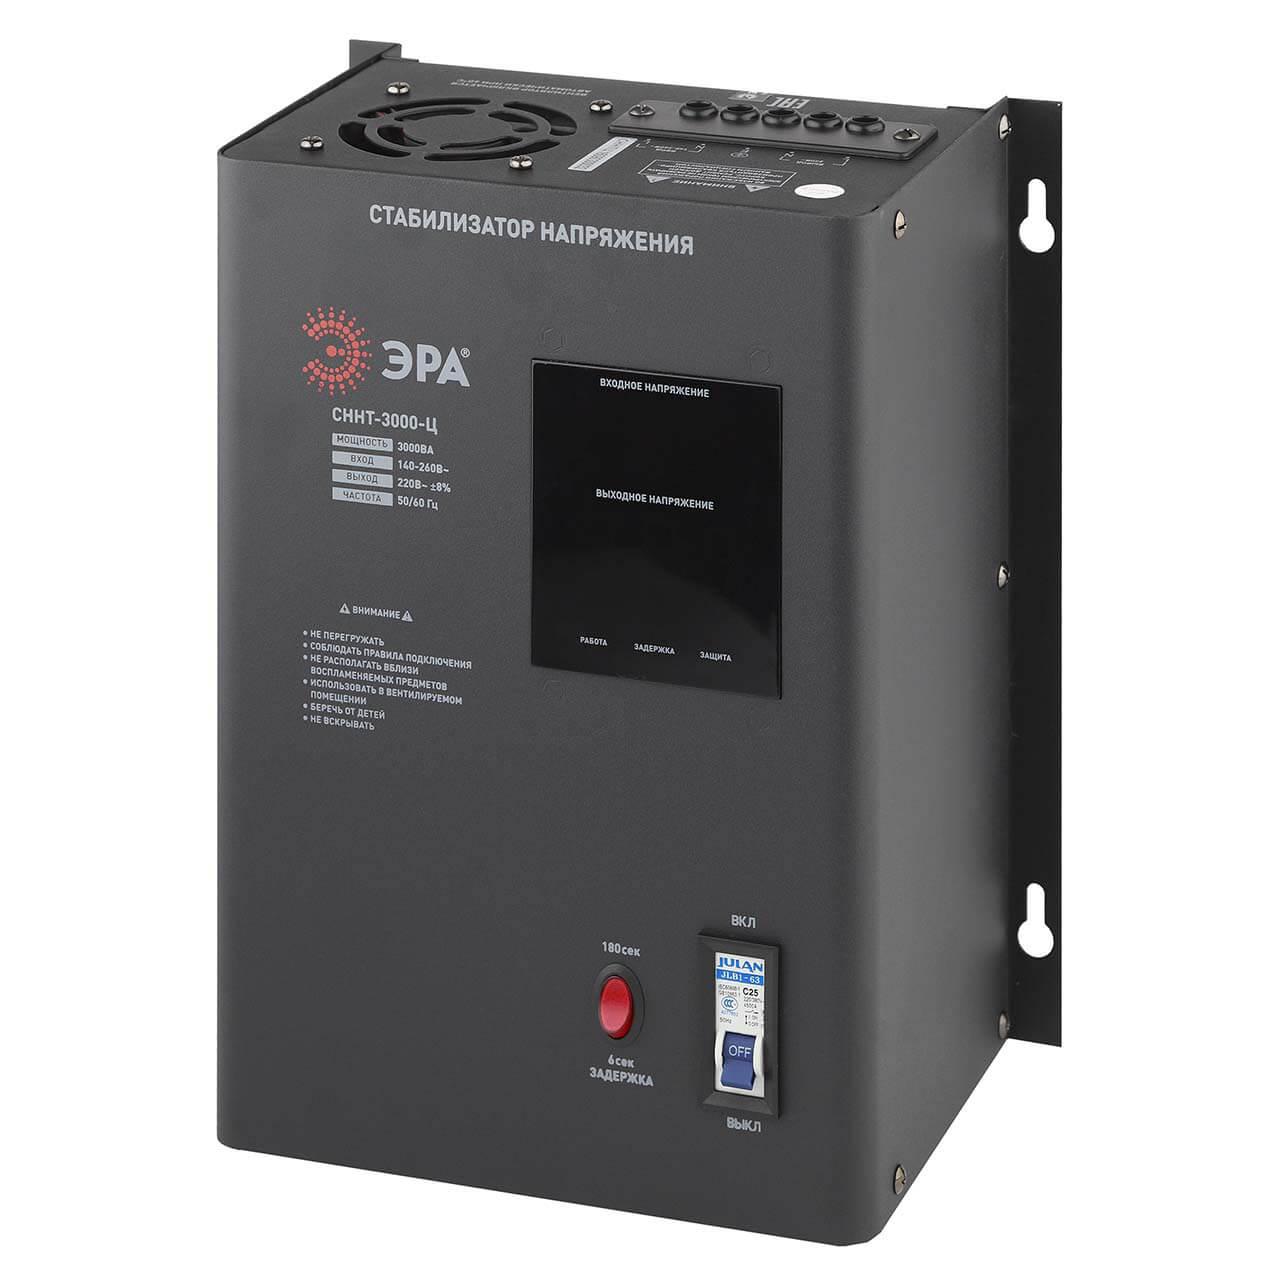 Стабилизатор напряжения ЭРА СННТ-3000-Ц стоимость